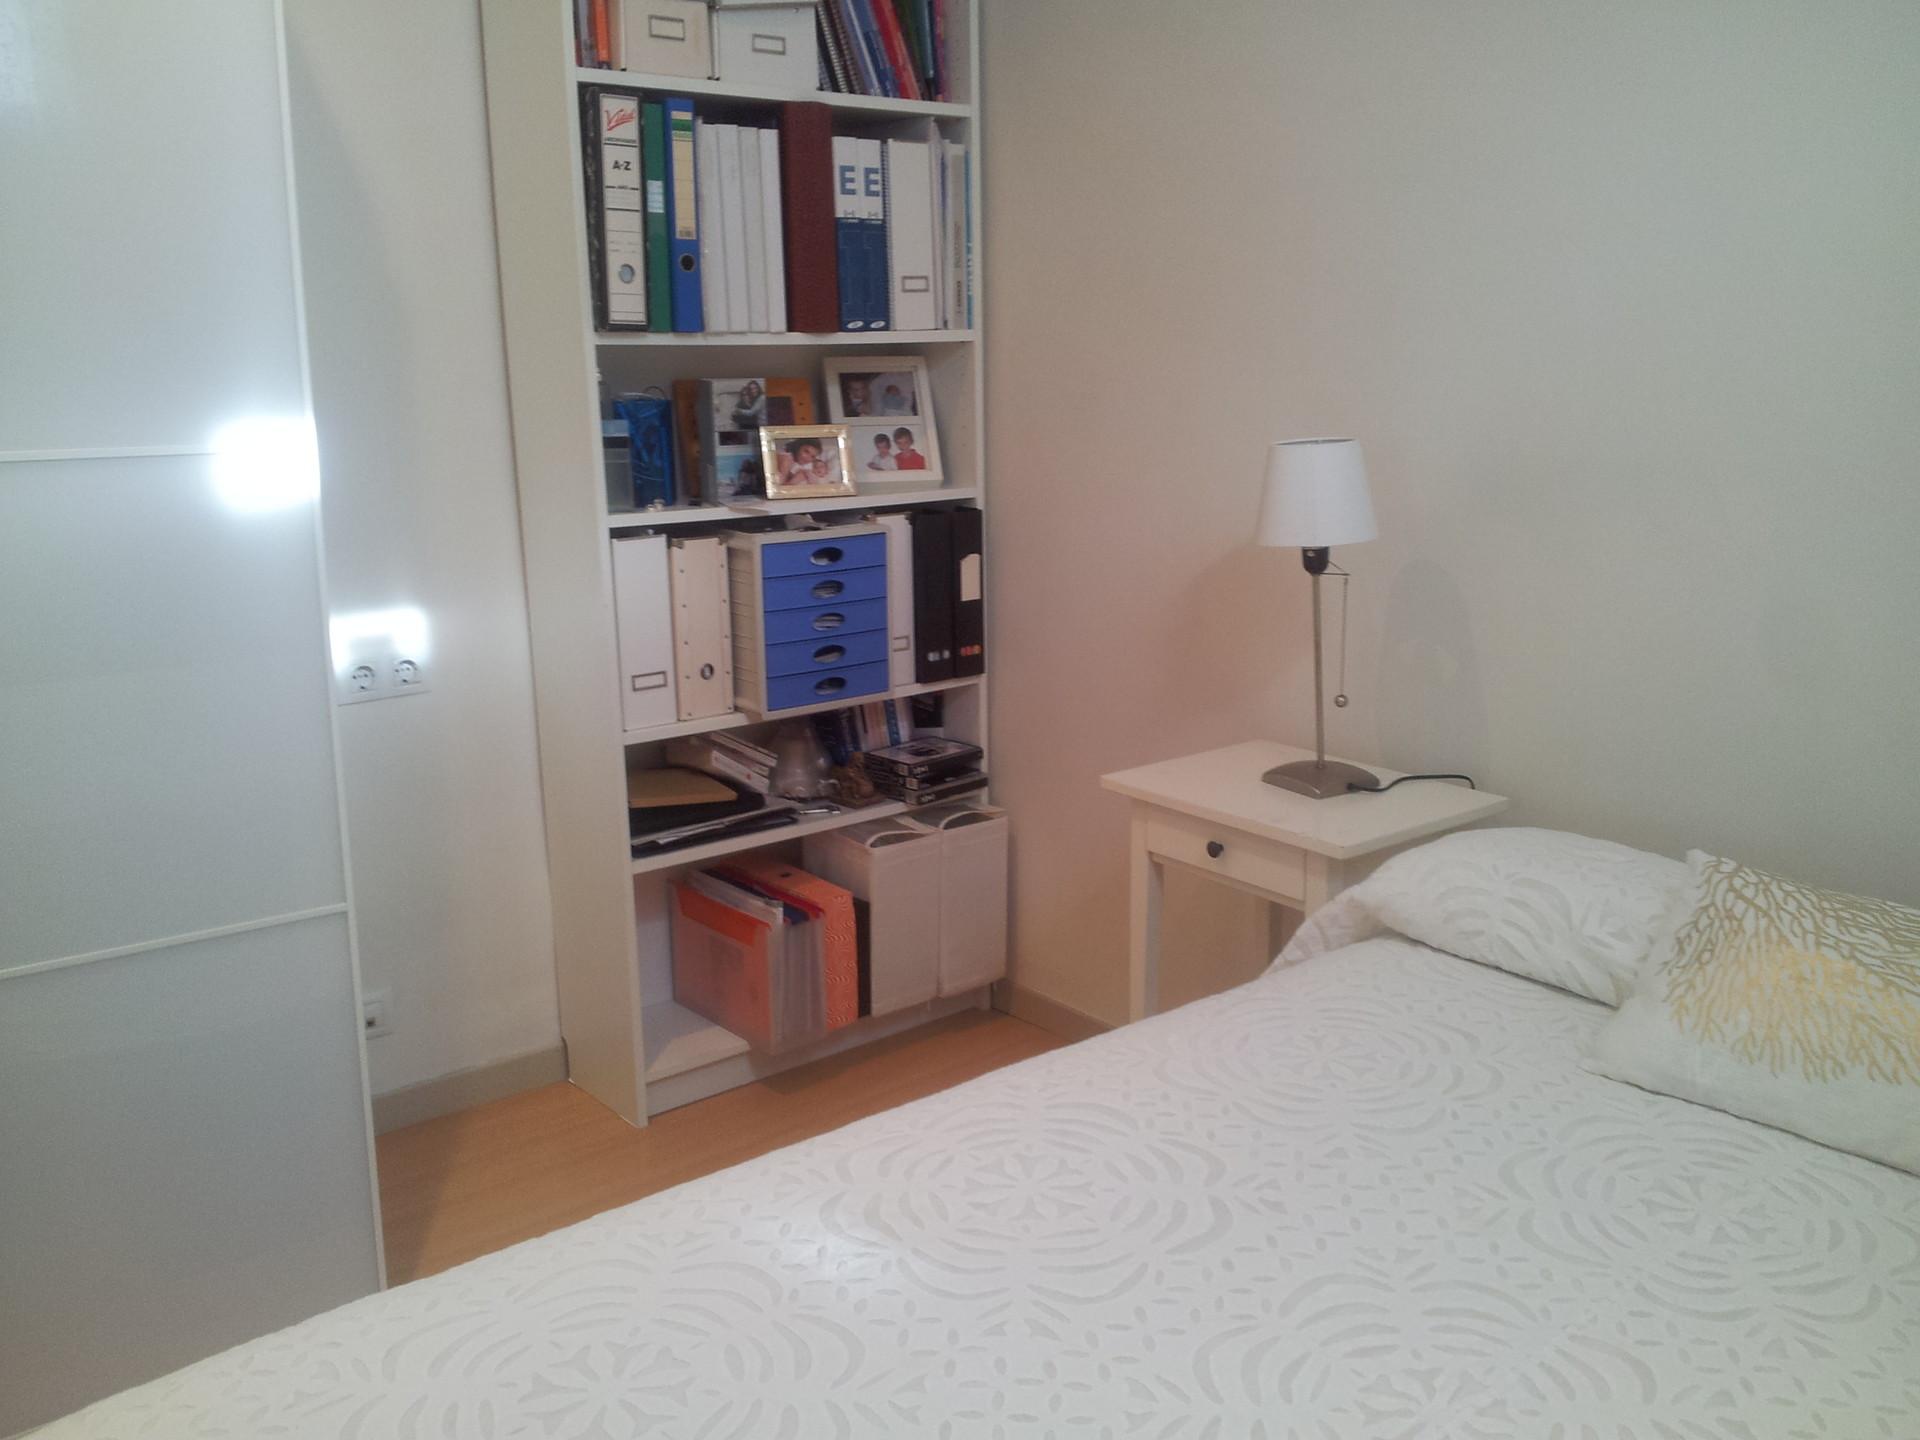 Habitaci n para chica en tico compartido alquiler - Habitacion para alquilar en barcelona ...